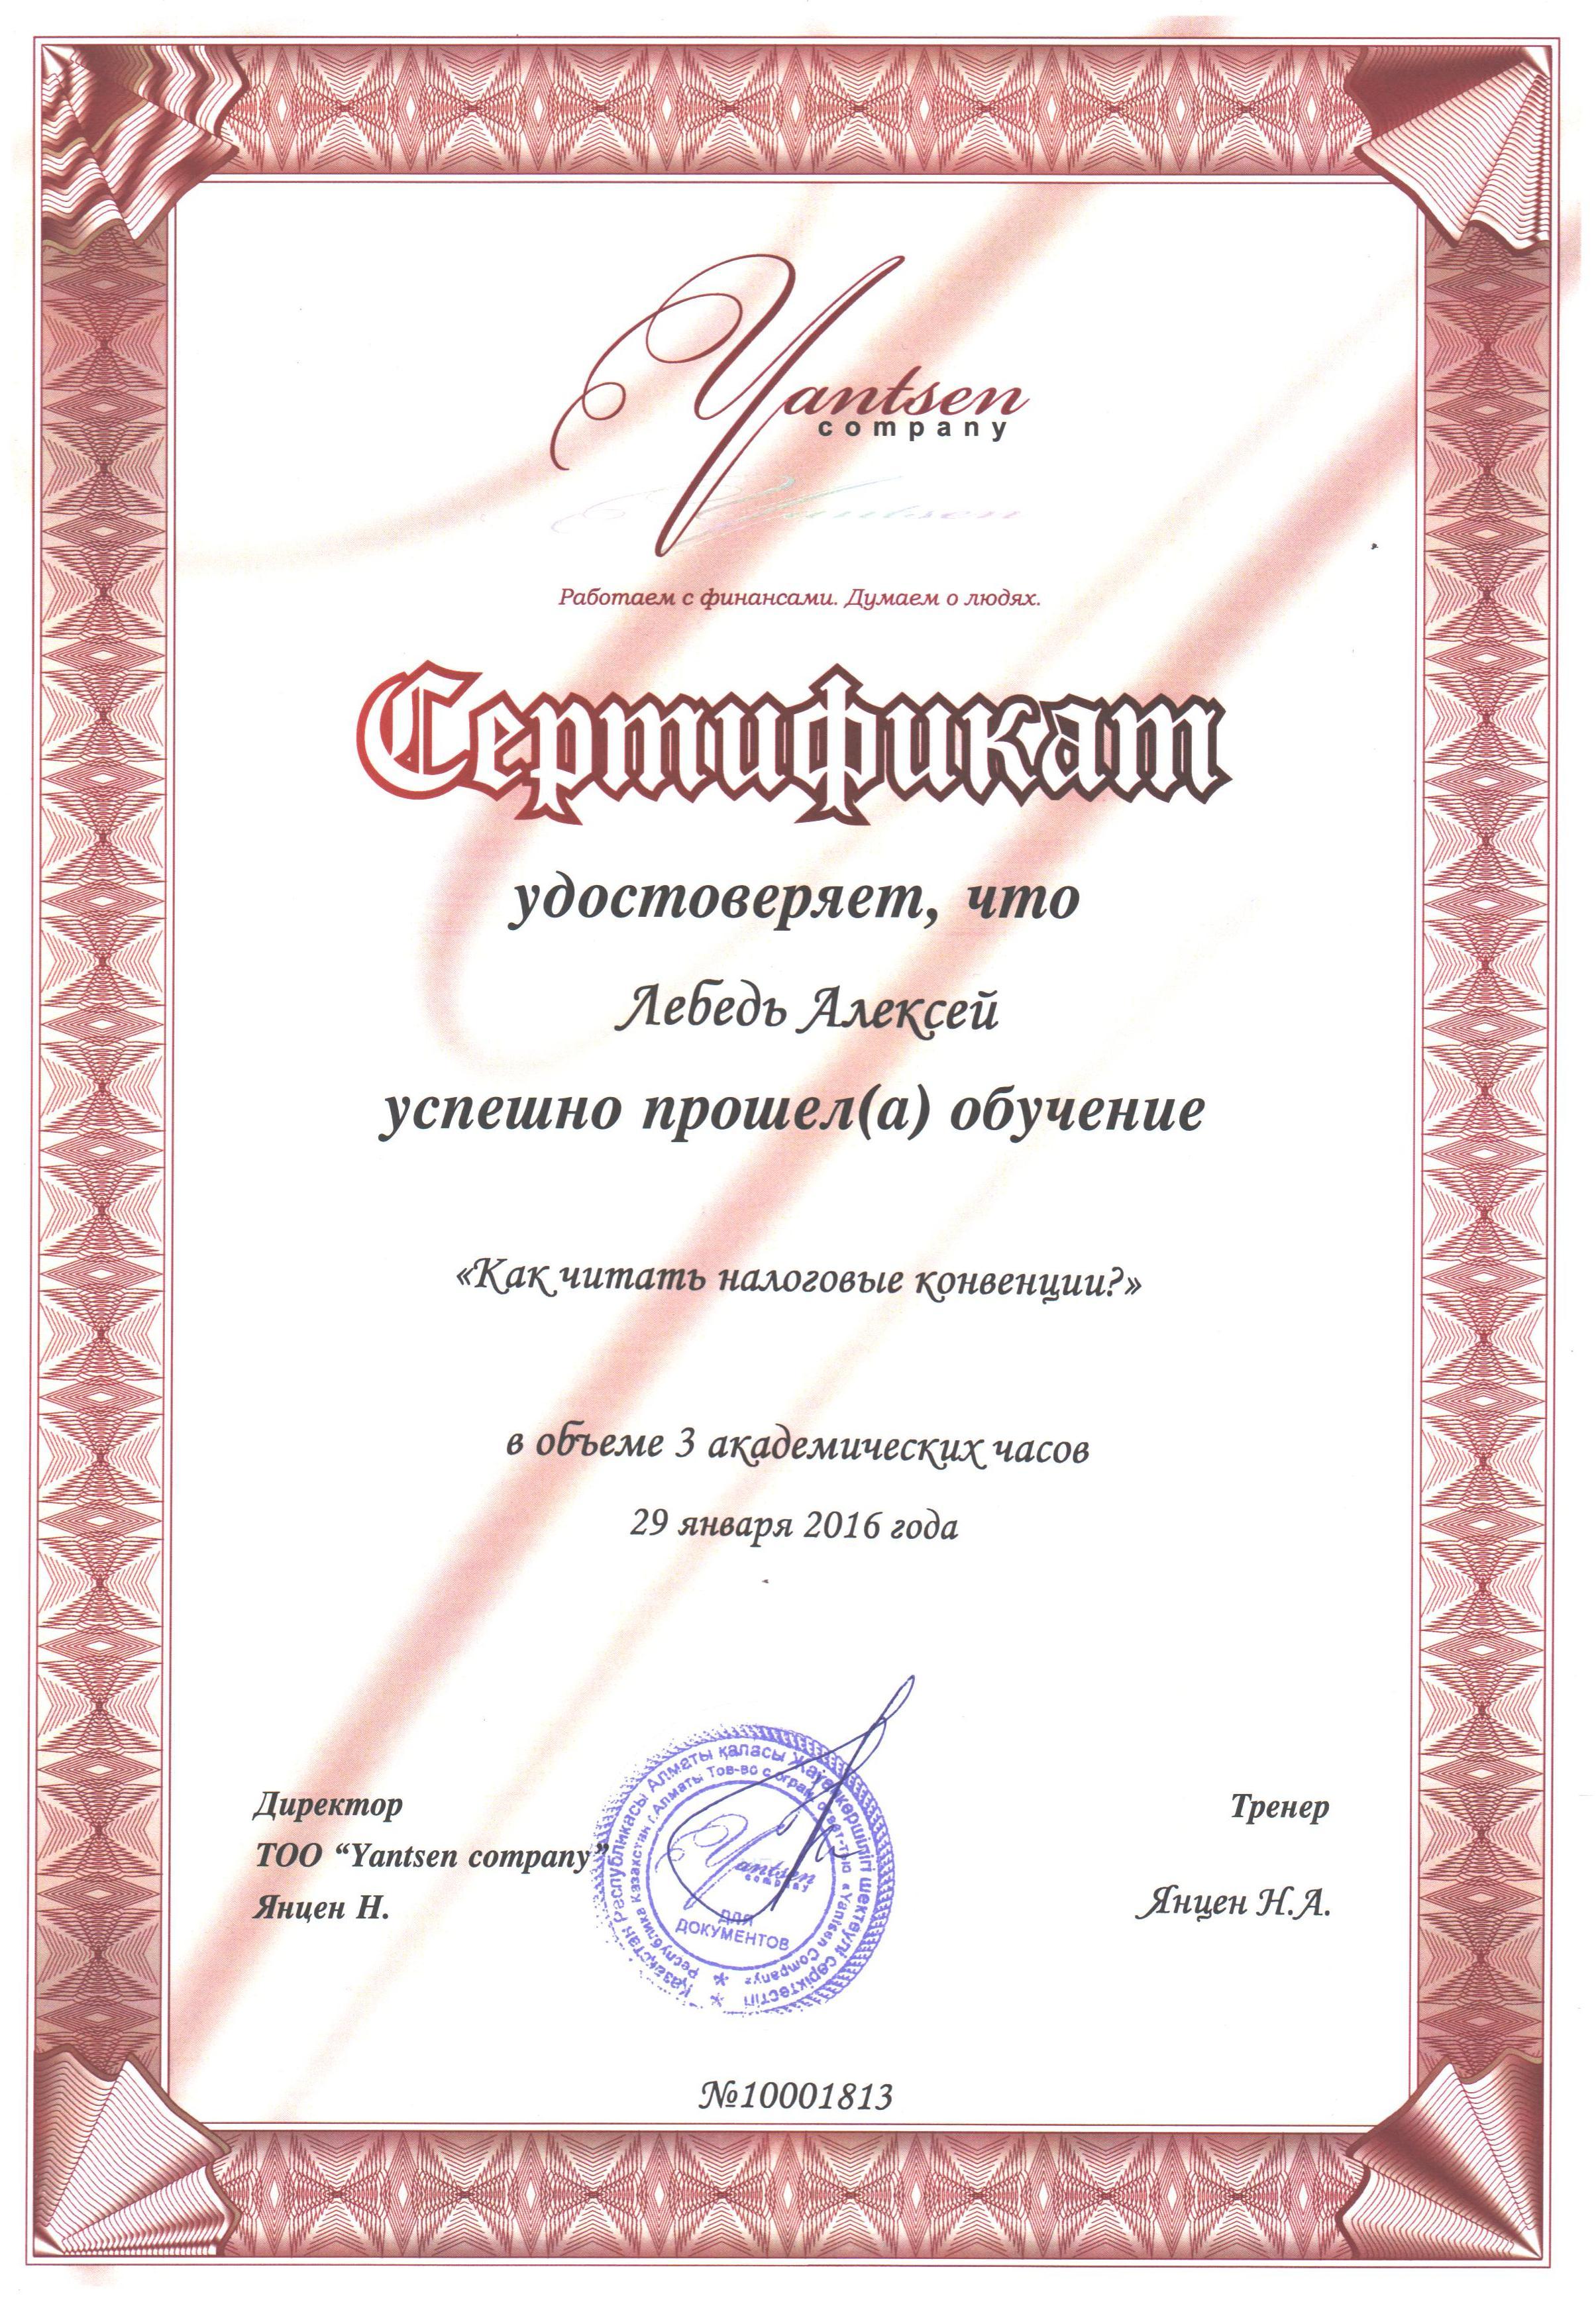 Сертификат Алексея Лебедь Как читать налоговые конвенции